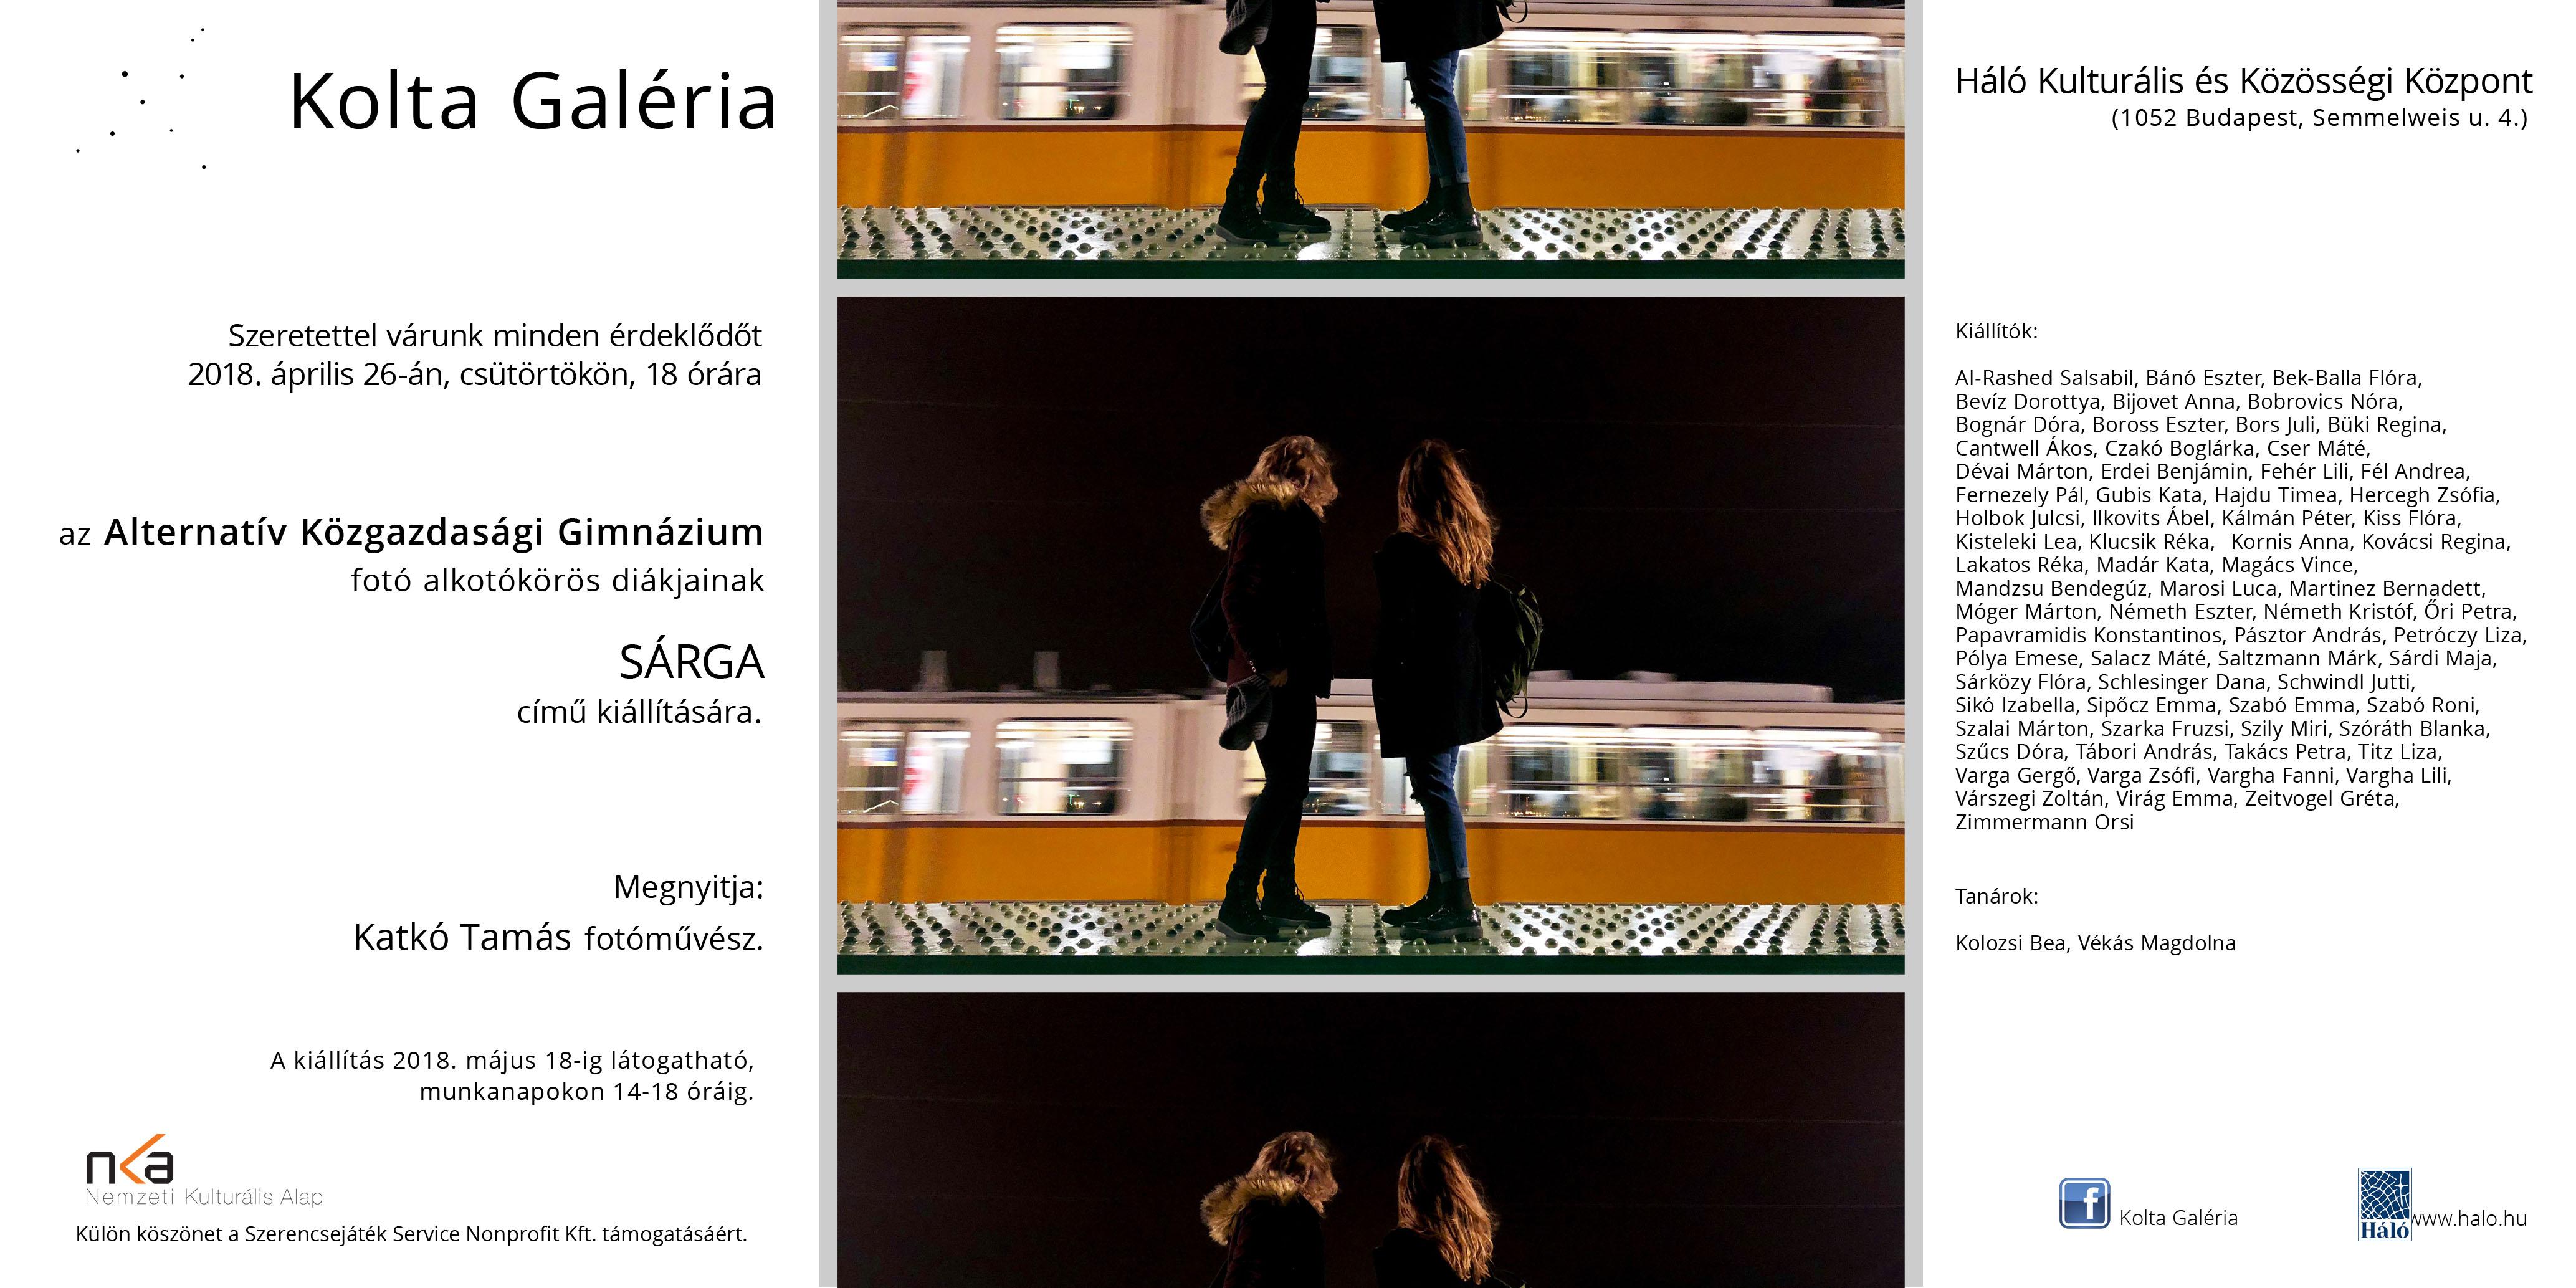 akg_sarga.jpg